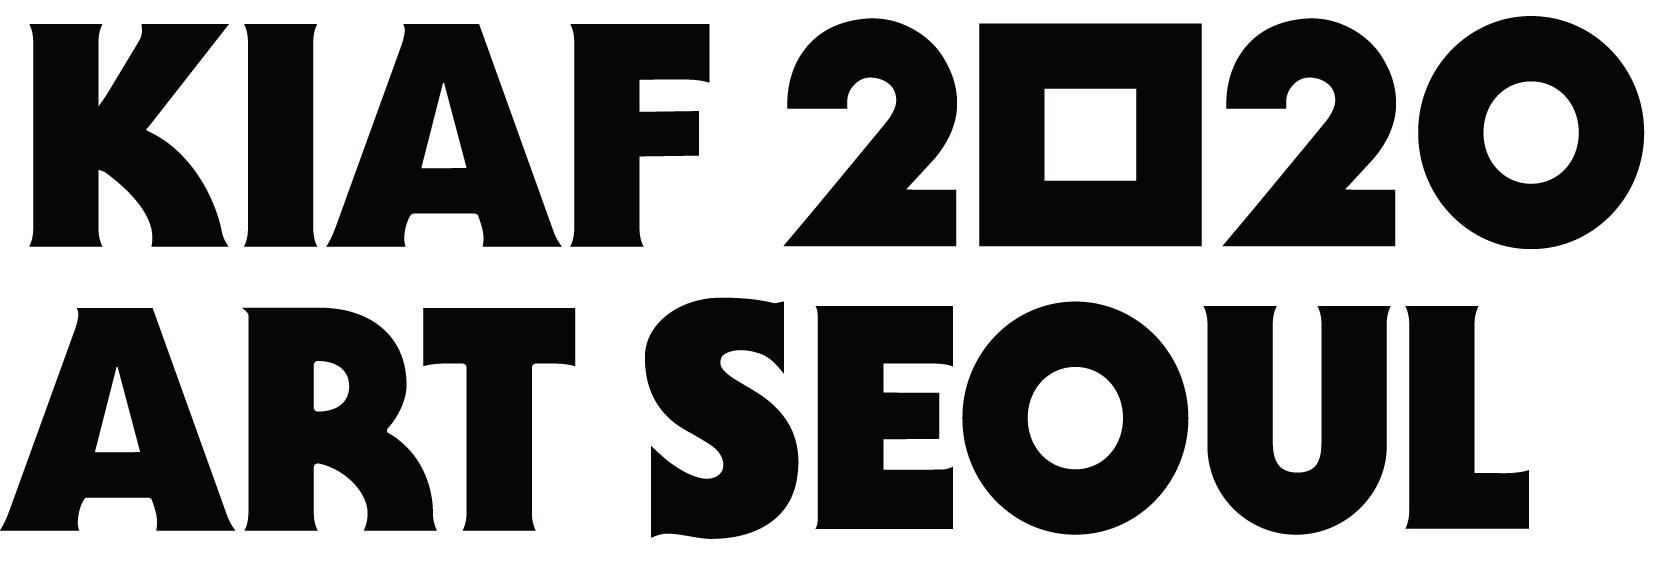 kiaf_new_logo for website